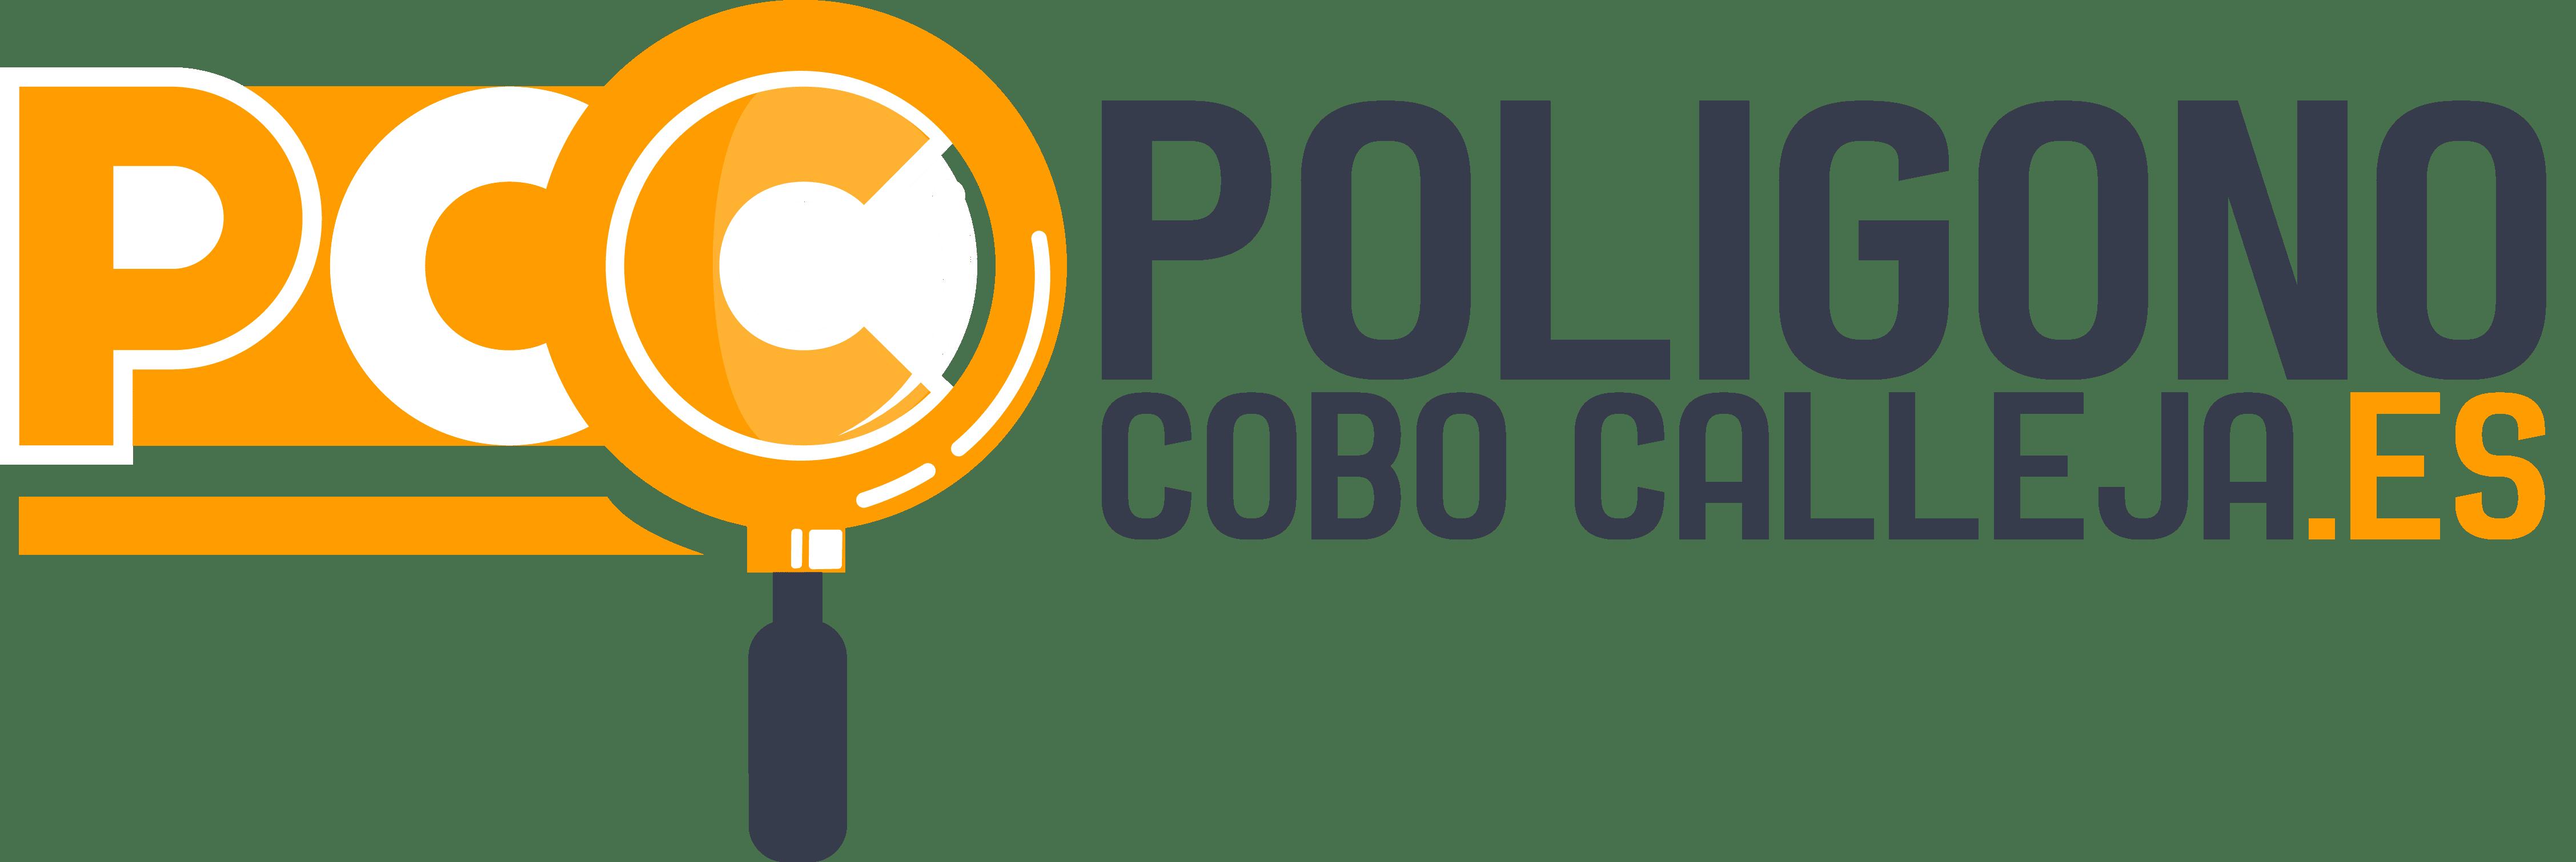 d7887ab55ae8 Complementos al por mayor -  En Cobo Calleja